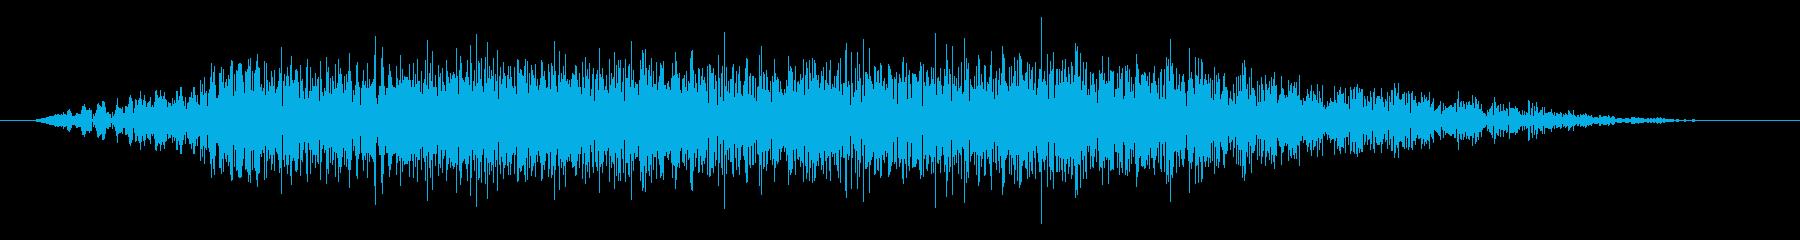 うわー(複数人)の再生済みの波形